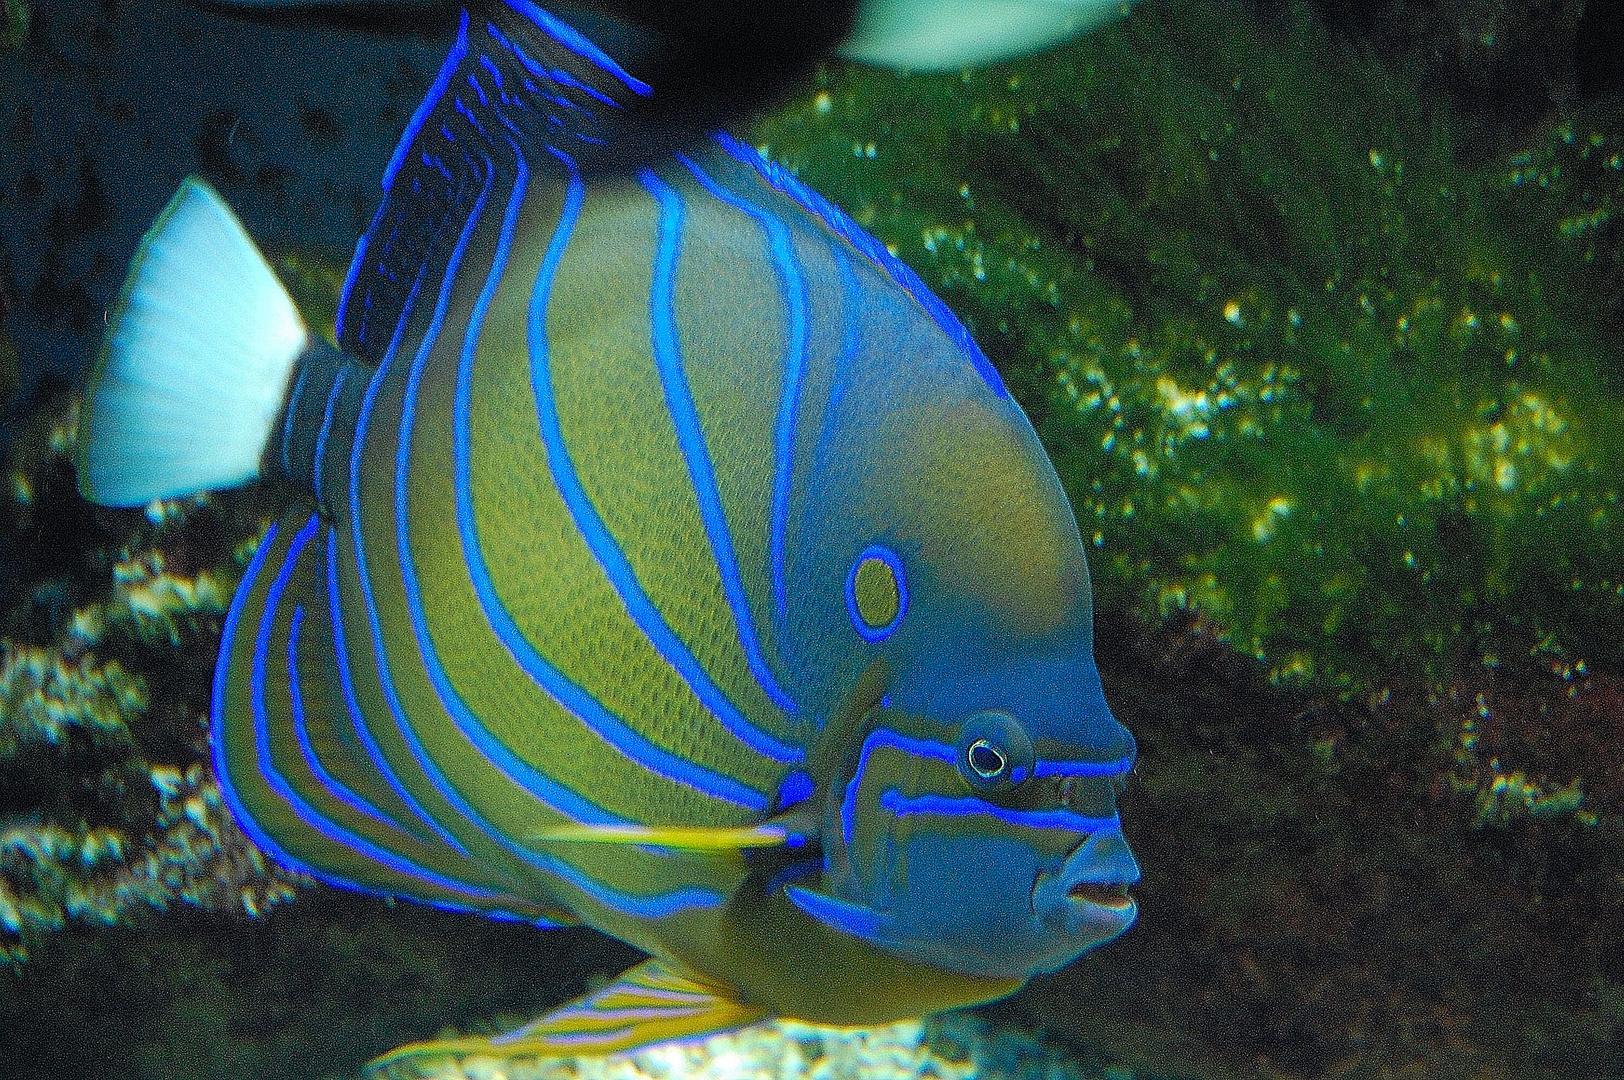 Mein erster Fisch im zoo!!